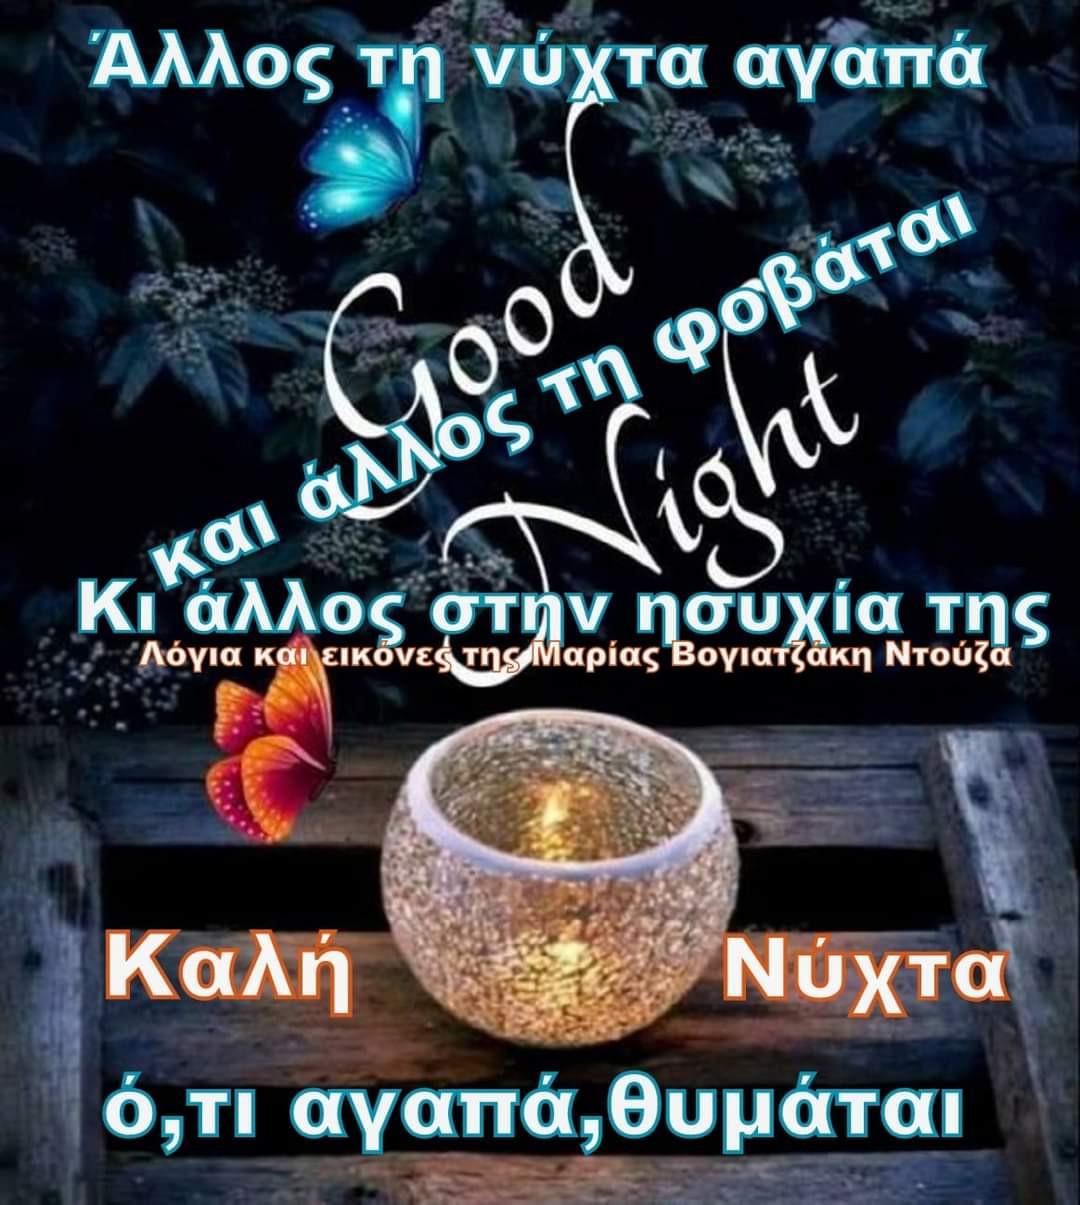 FB_IMG_1615330076187.jpg